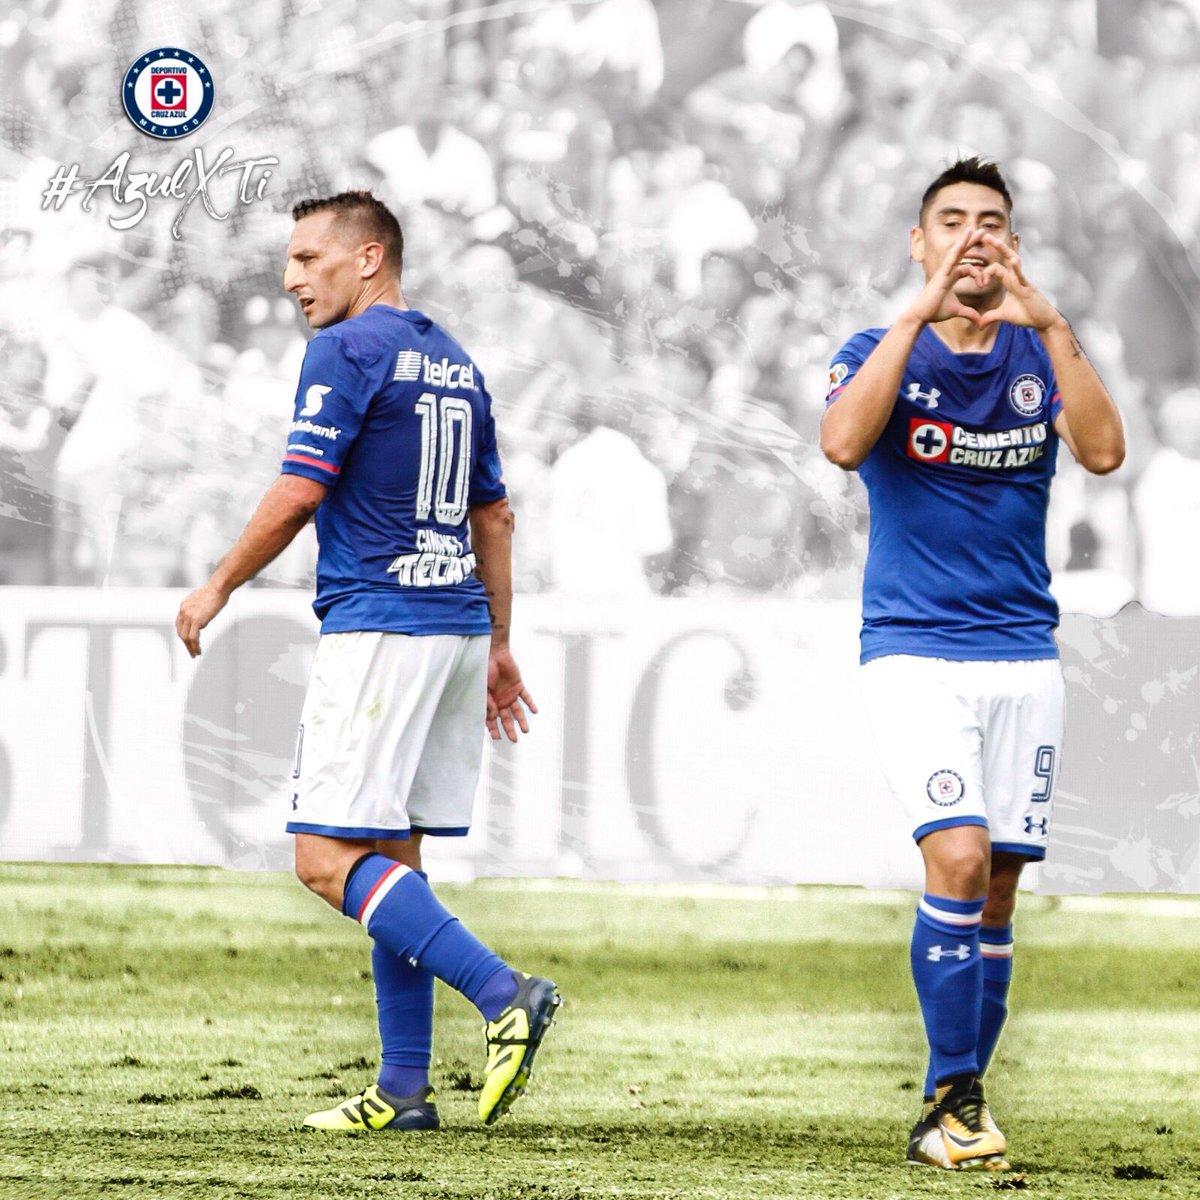 Cruz Azul y Dynamo se enfrentan en duelo amistoso